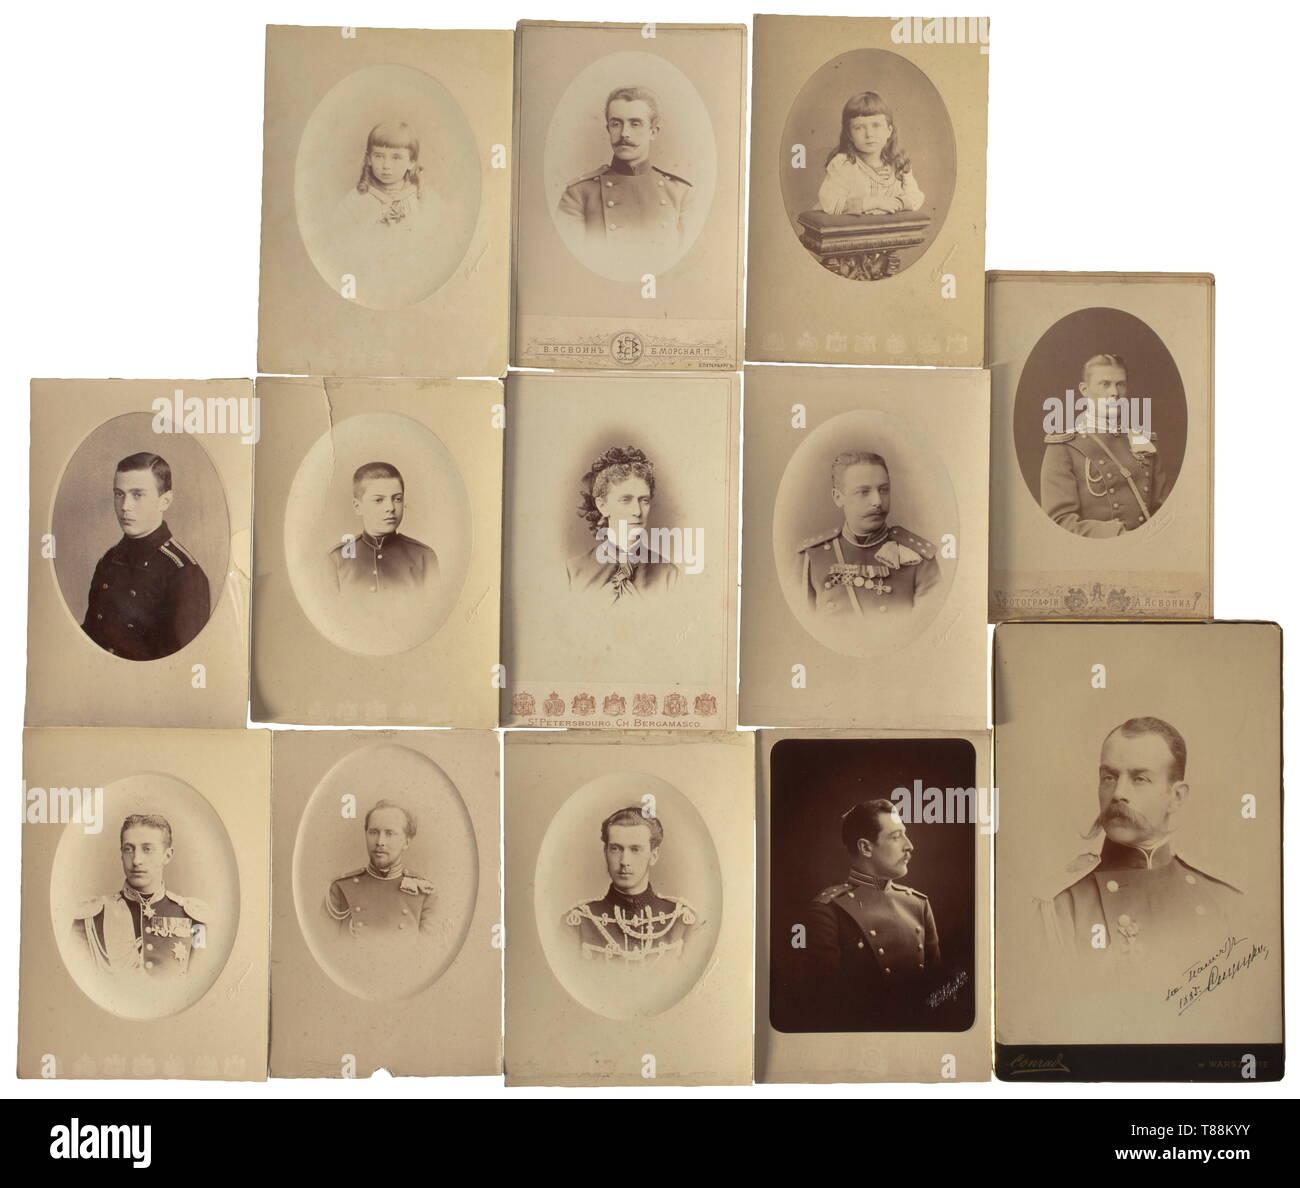 Cadeau de 13 photos de la famille impériale russe et de leurs connaissances, entre 1880 - 1910 Photo de Grand-duc Nikolaï Nikolaïevitch le jeune, en relief sur la partie inférieure gauche avec le nom du photographe 'Bergamasco'. Photo du Grand-duc Konstantin Konstantinovitch, gravé sur la partie inférieure gauche avec le nom du photographe 'Bergamasco'. Photo du Grand-duc Alexeï Mikhaïlovitch (?), en relief sur la partie inférieure gauche avec le nom du photographe 'Bergamasco', dog ear au top. Également dix autres photos de grands ducs, princes et barons. Des signes de vieillissement. Par Additional-Rights Clearance-Info,--Not-Available Photo Stock